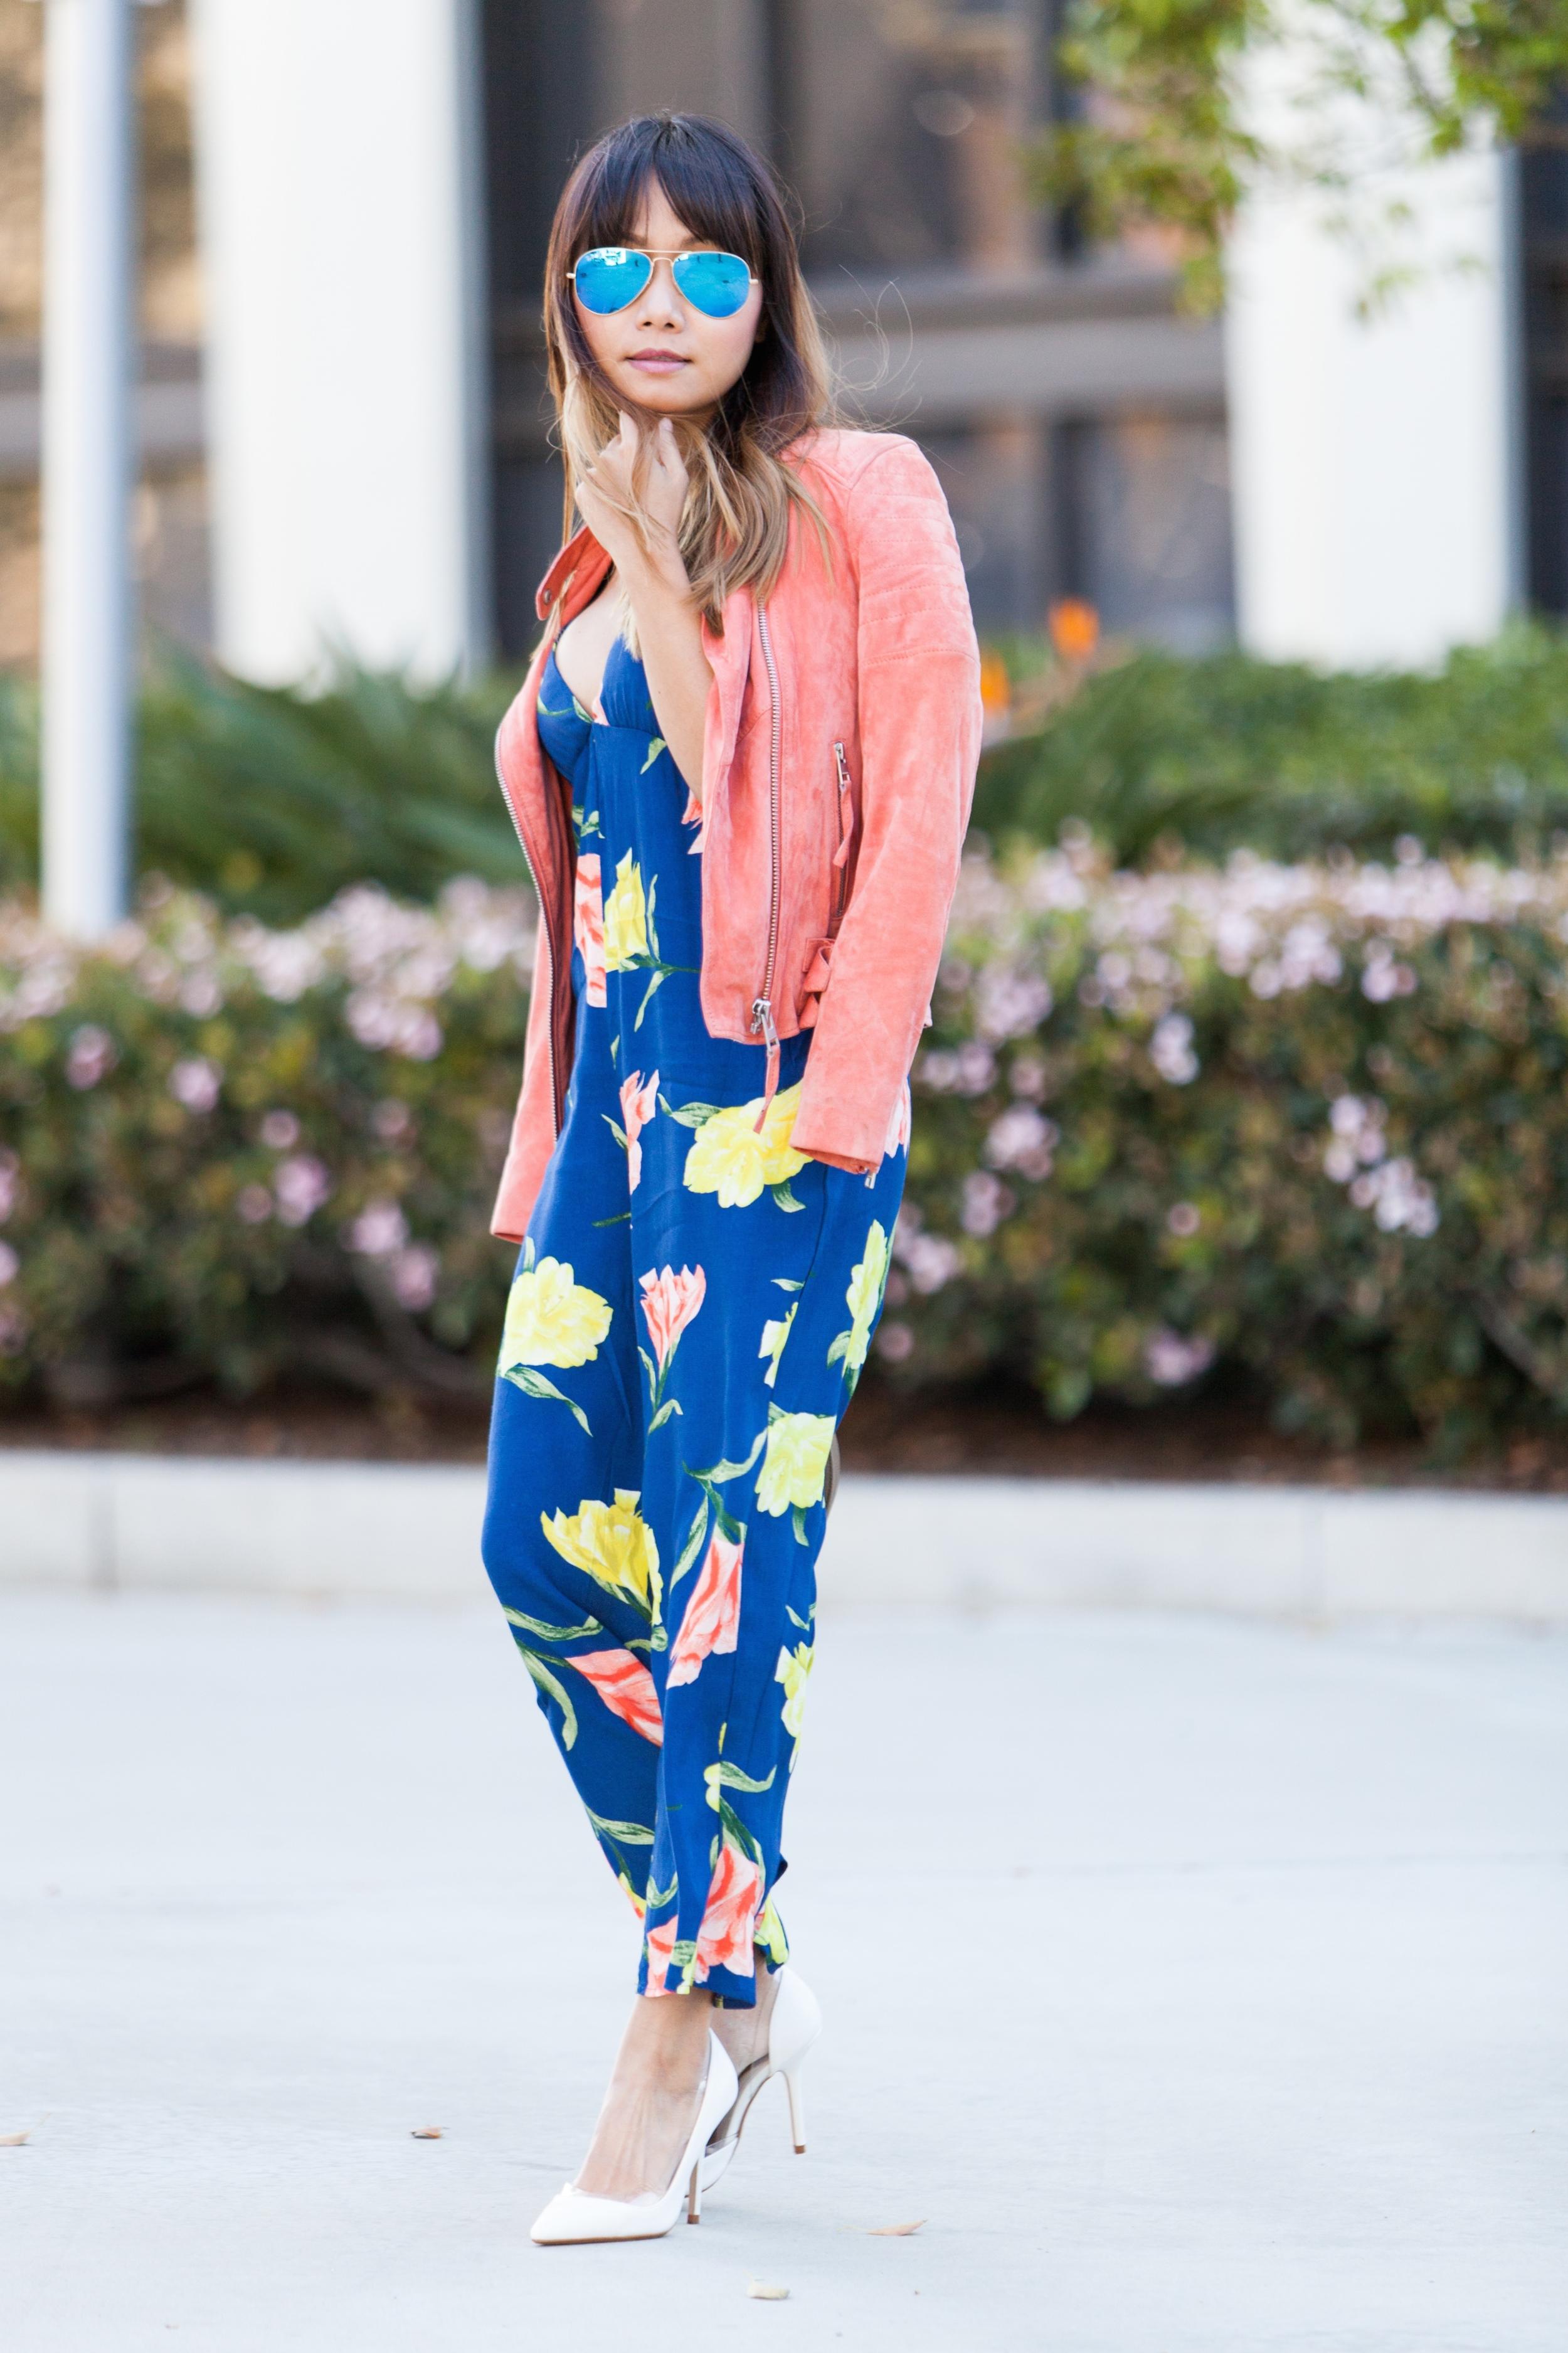 Floral Jumpsuit (8 of 11)